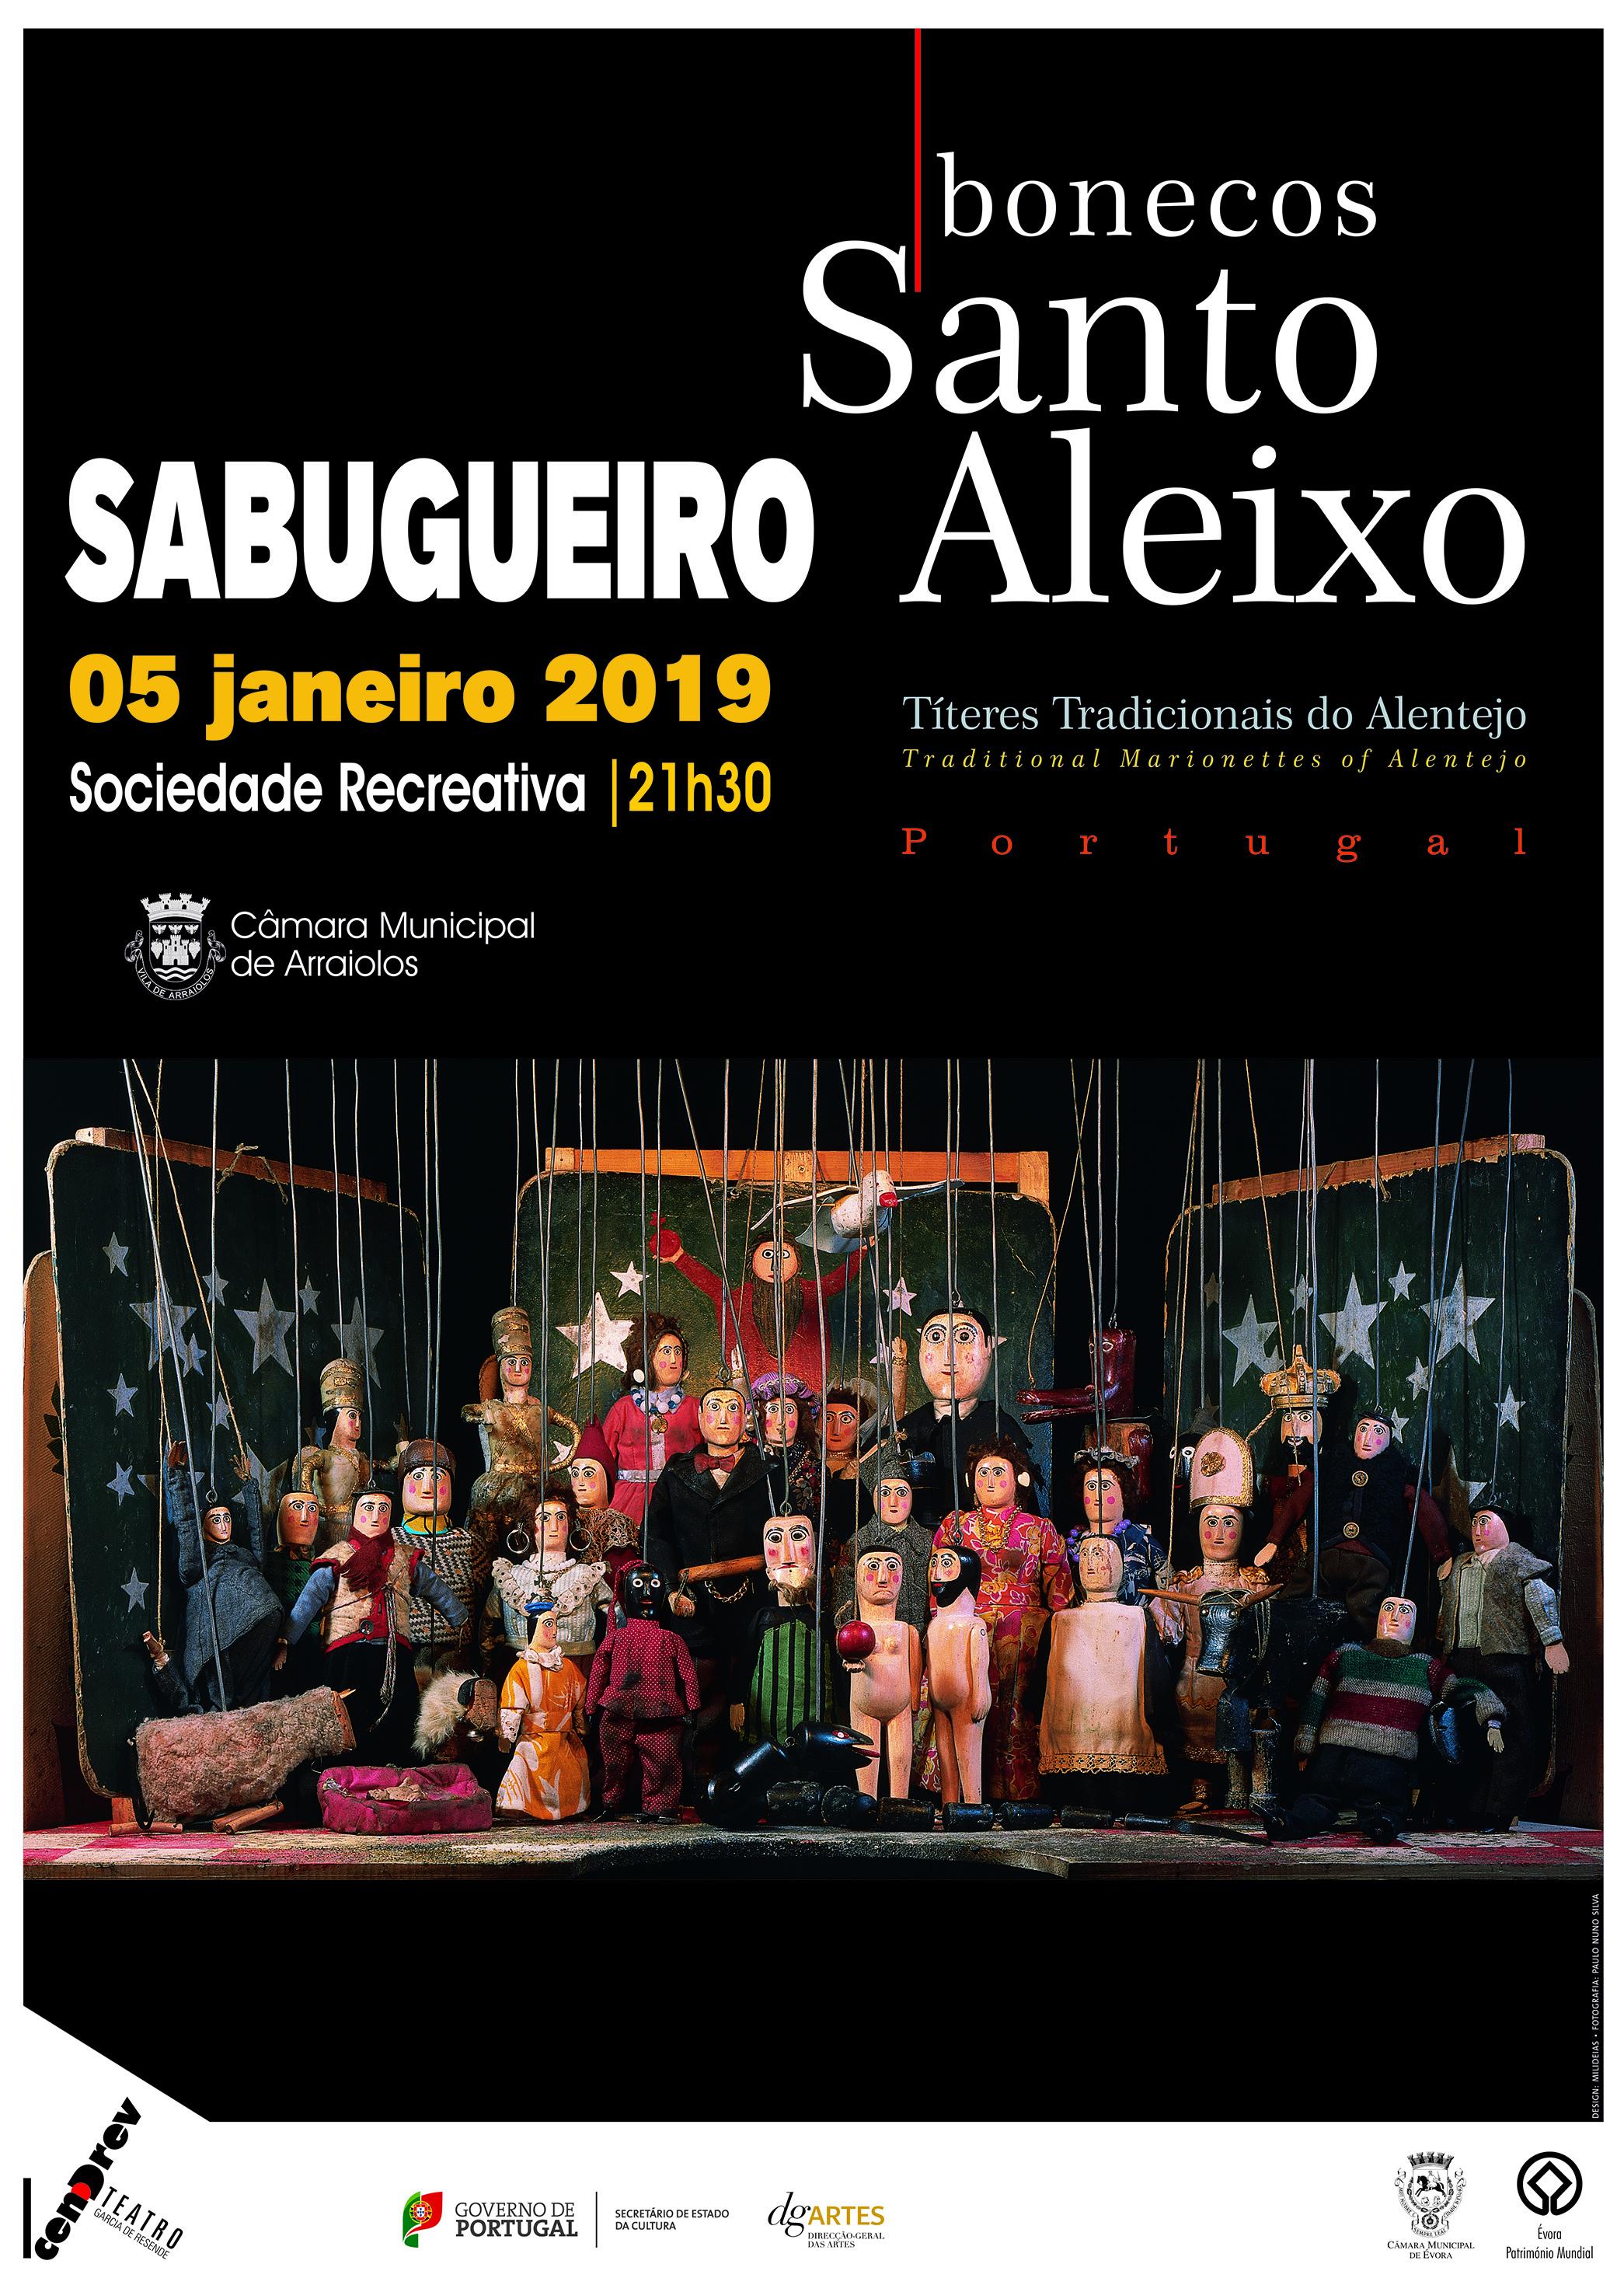 bonecos santo aleixo Sabugueiro 2019.jpg